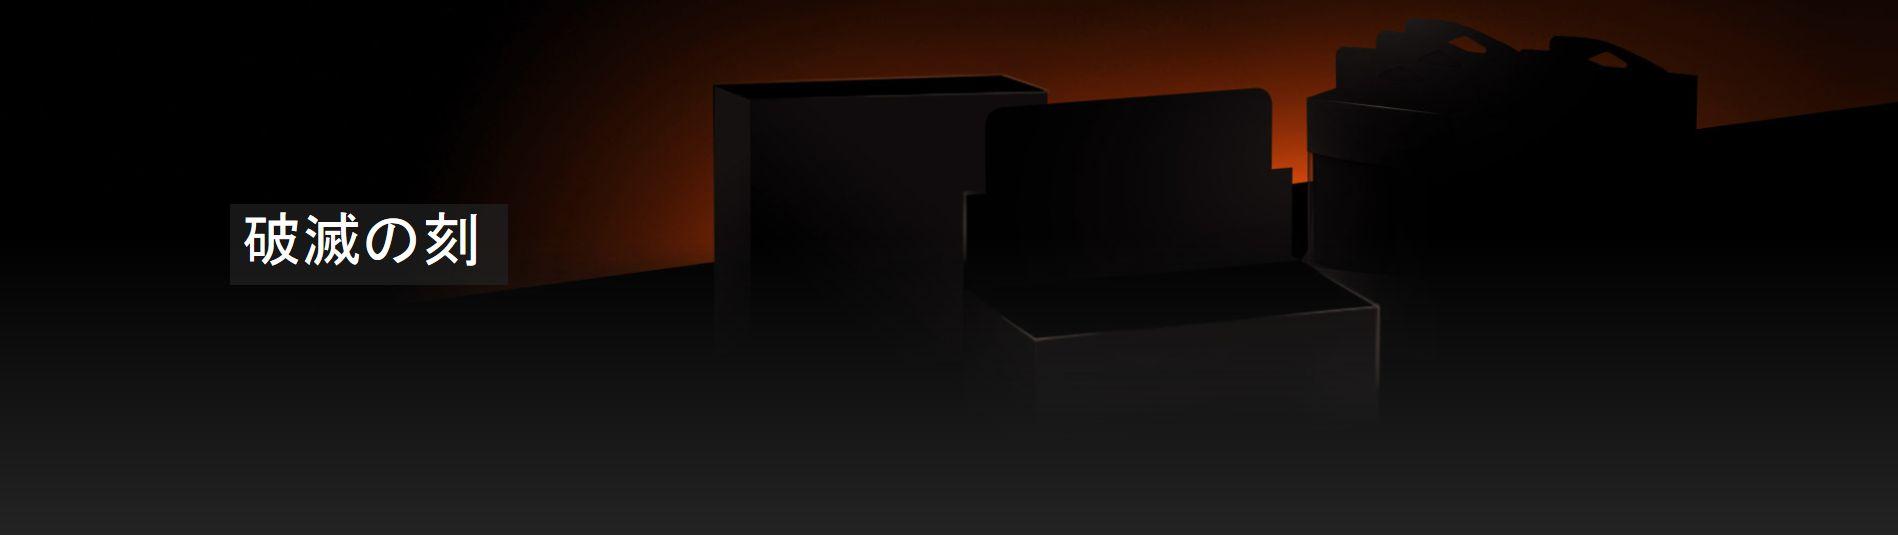 MTG「破滅の刻」が2017年7月14日に発売!アモンケット・ブロックの第2弾セット!